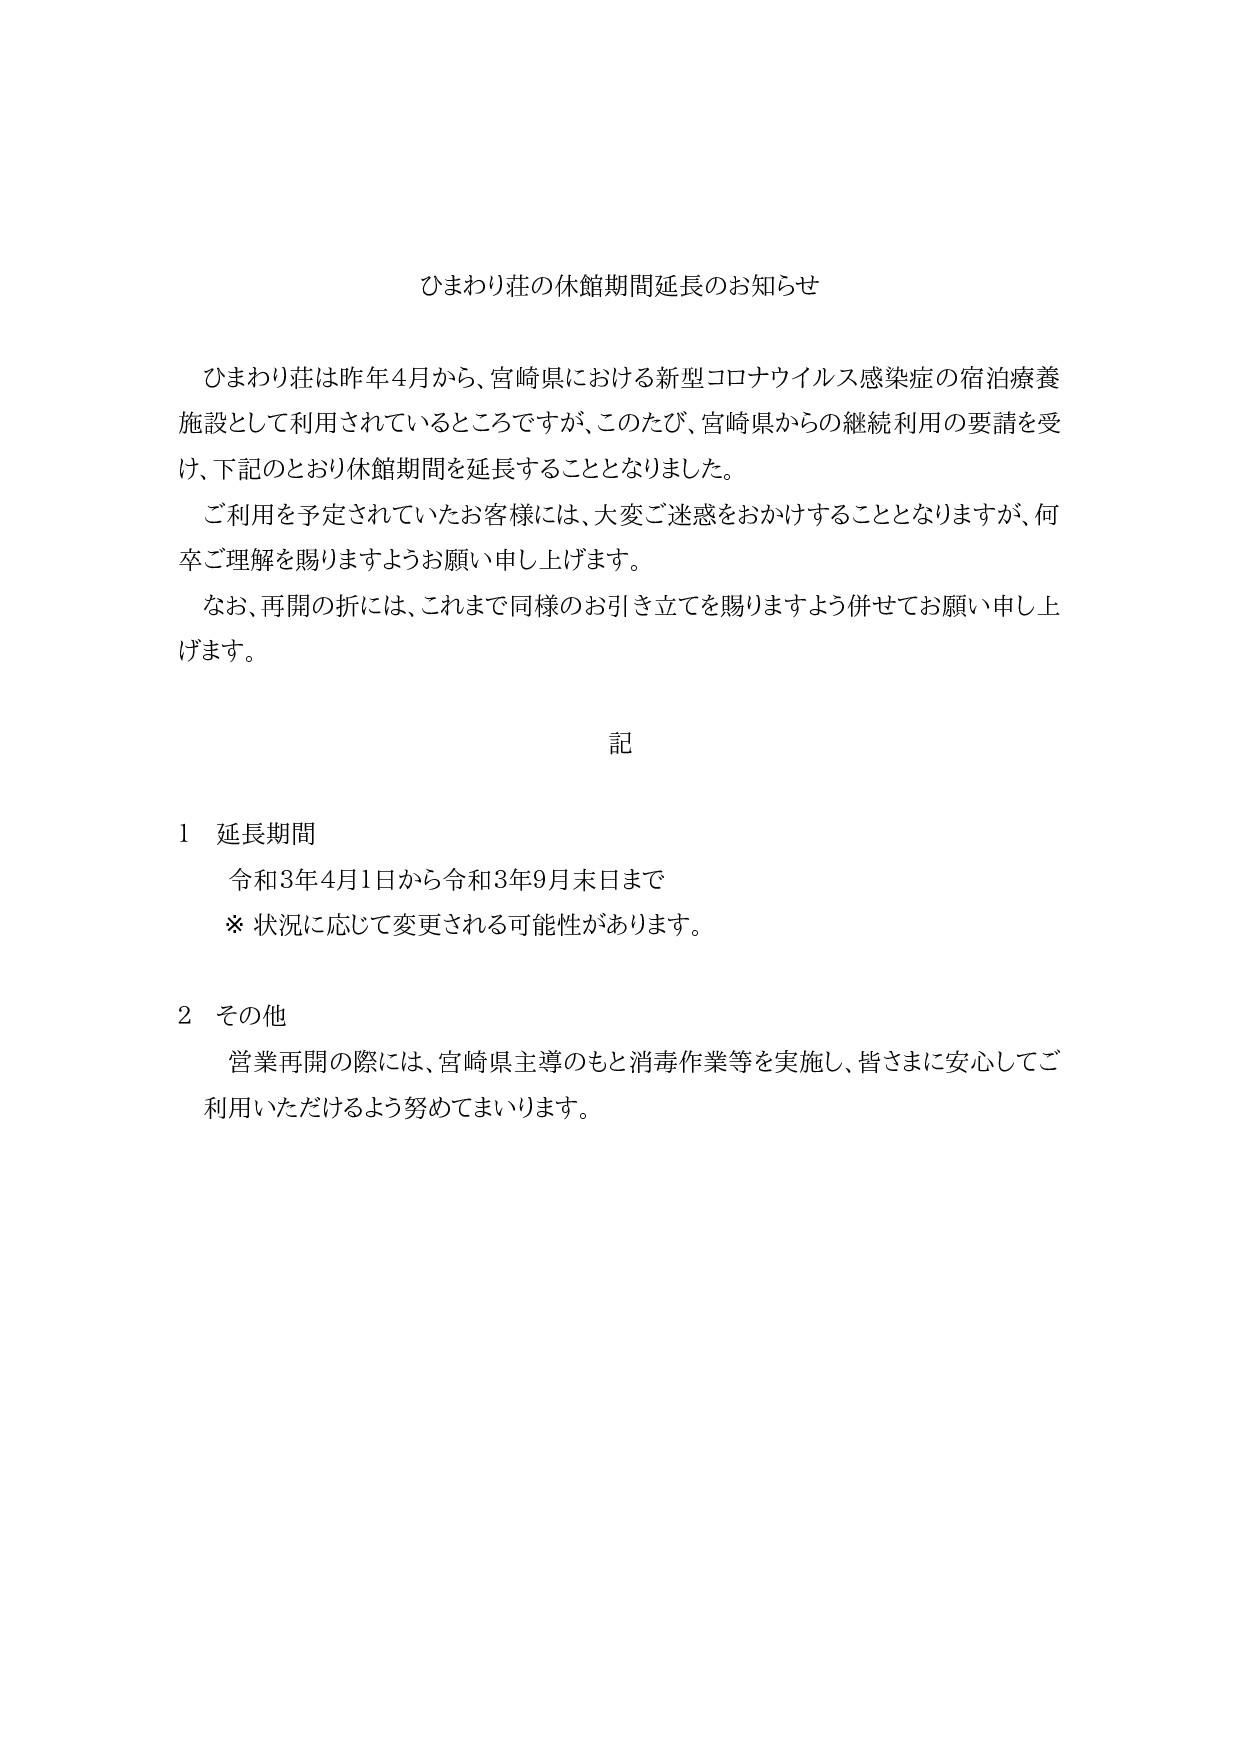 ひまわり荘HP 原稿_p001